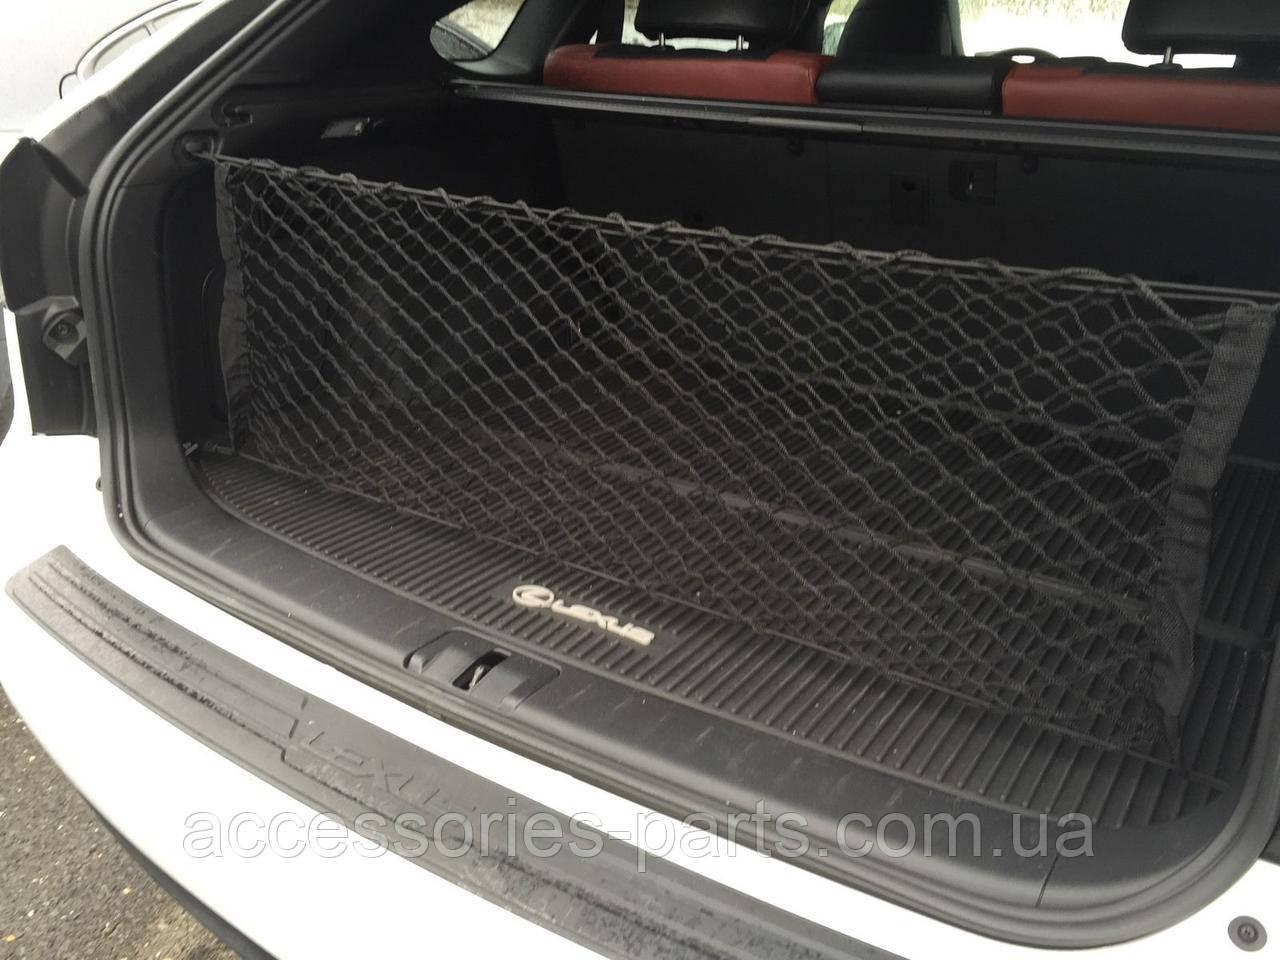 Сетка багажника Lexus RX350/ RX350L/ RX450h/ RX450hL 16-2019 Новая Оригинальная